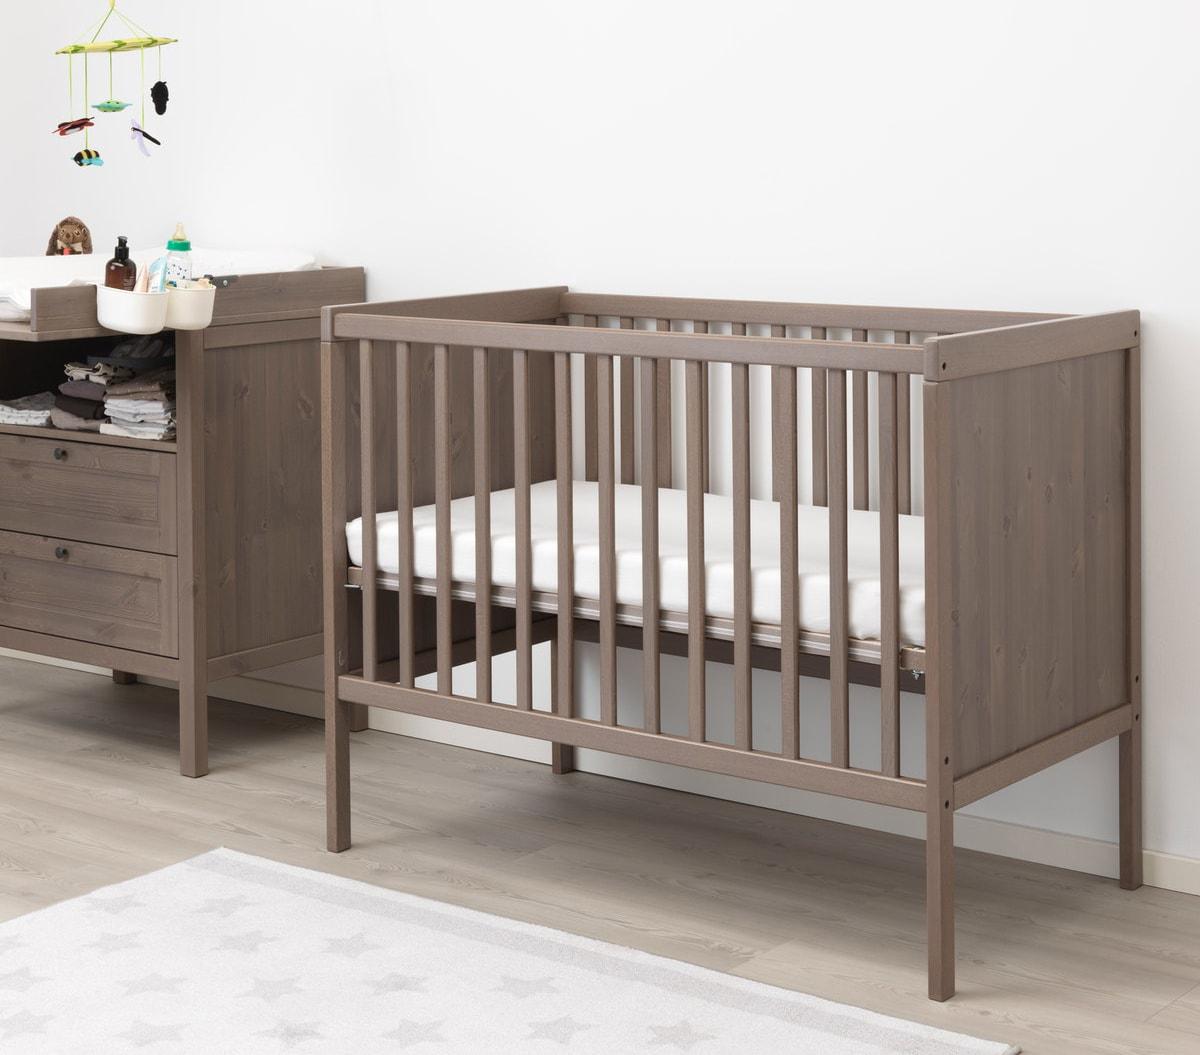 Деревянная кроватка из массива бука серо-коричневого цвета